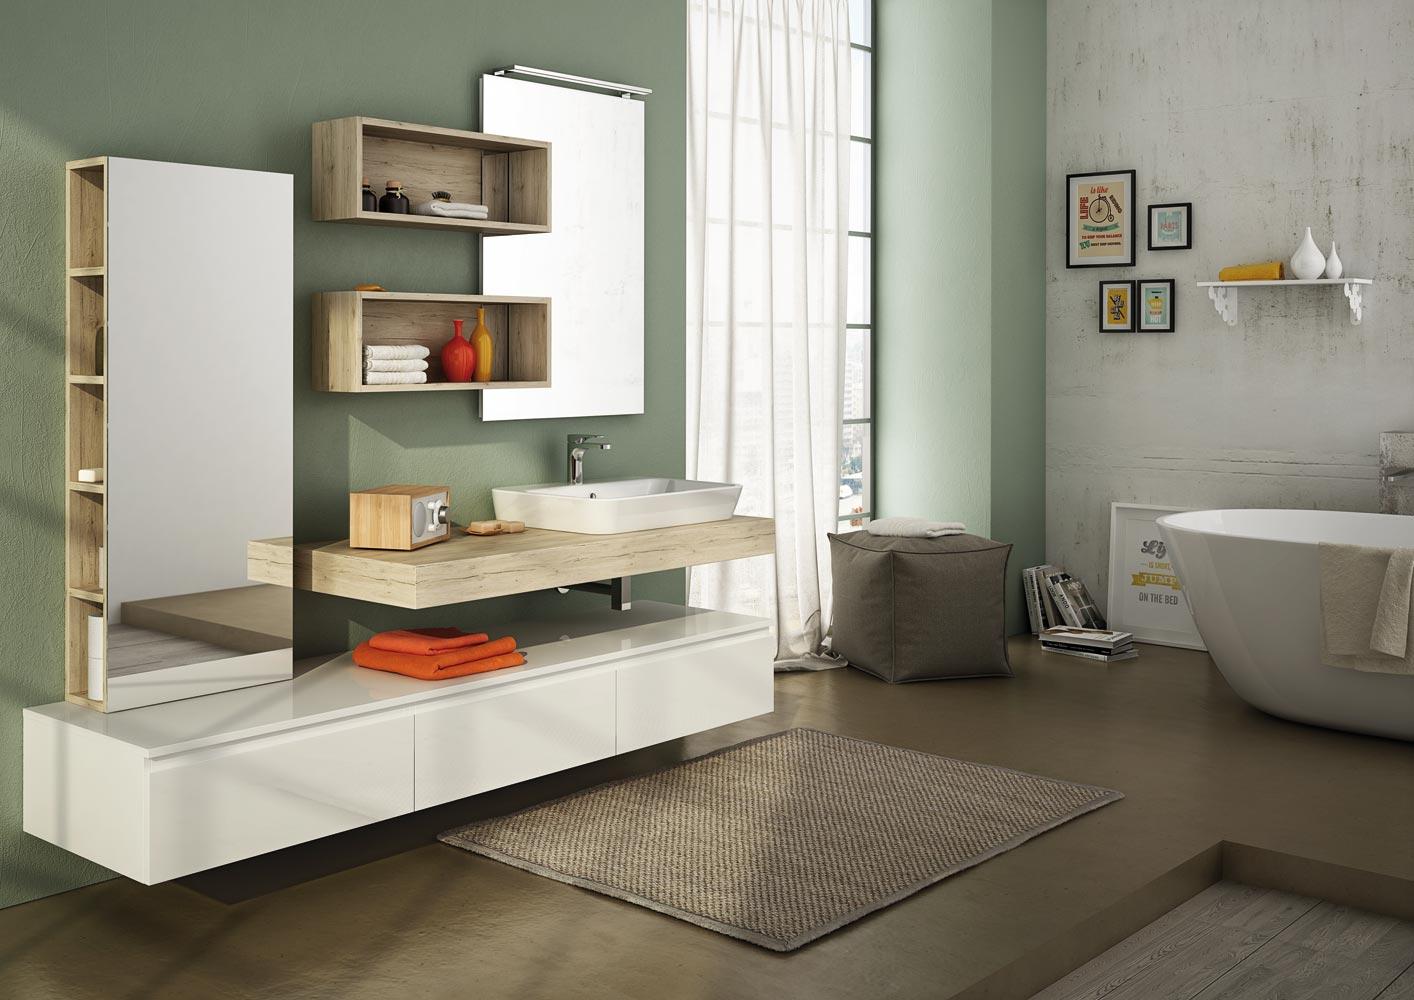 Houten Panelen Badkamer : Dafnedesign meubelontwerper badkamer met sluier grootte l